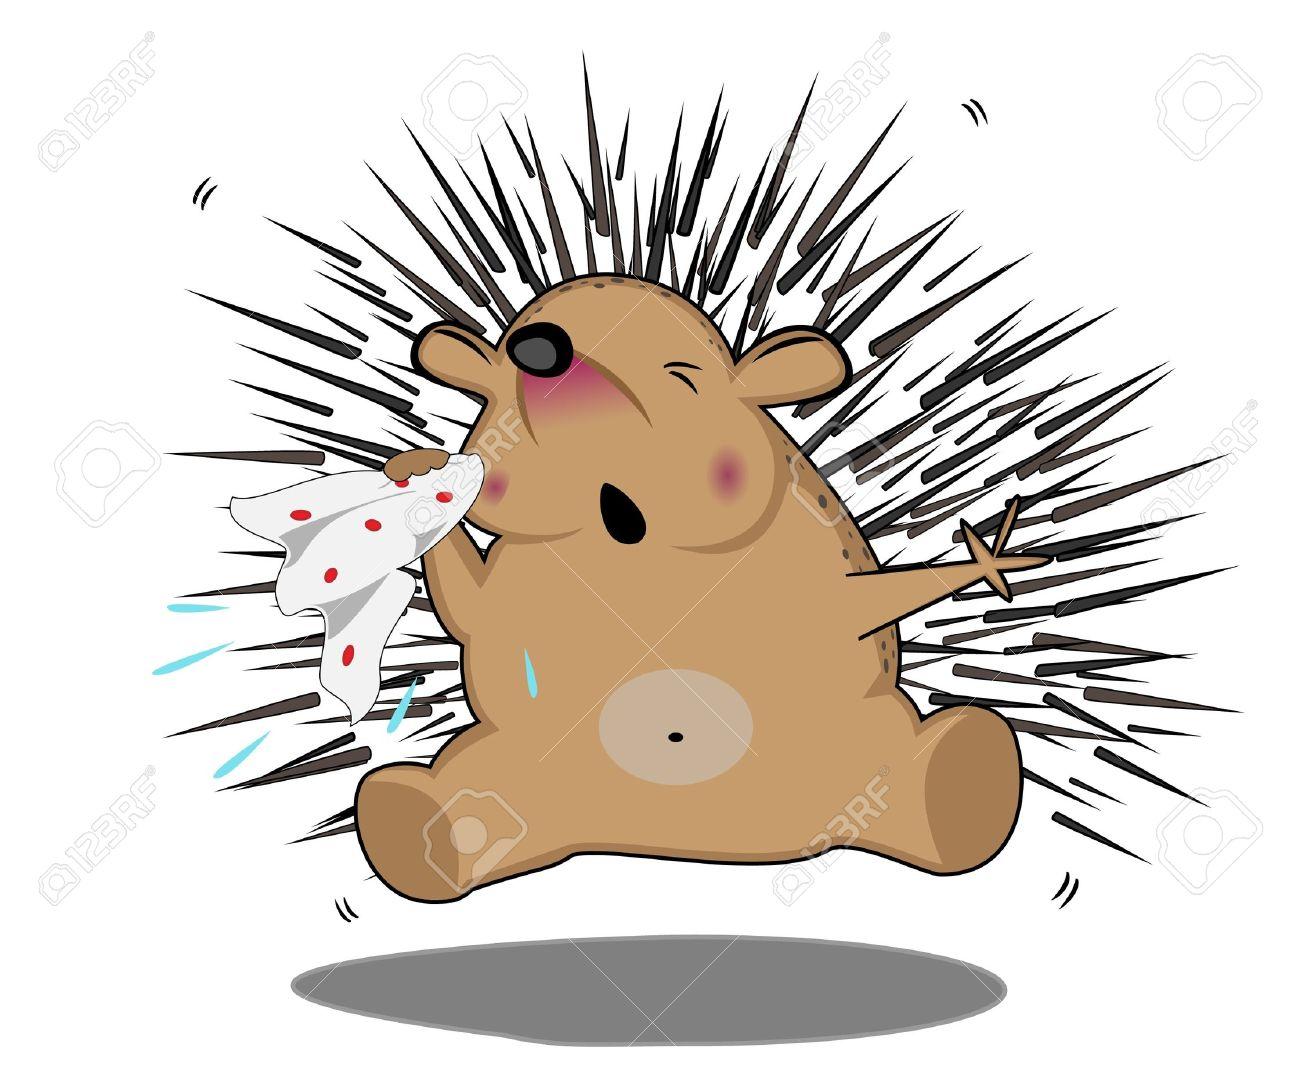 Смешные картинки про чихание, прикольные картинки детьми